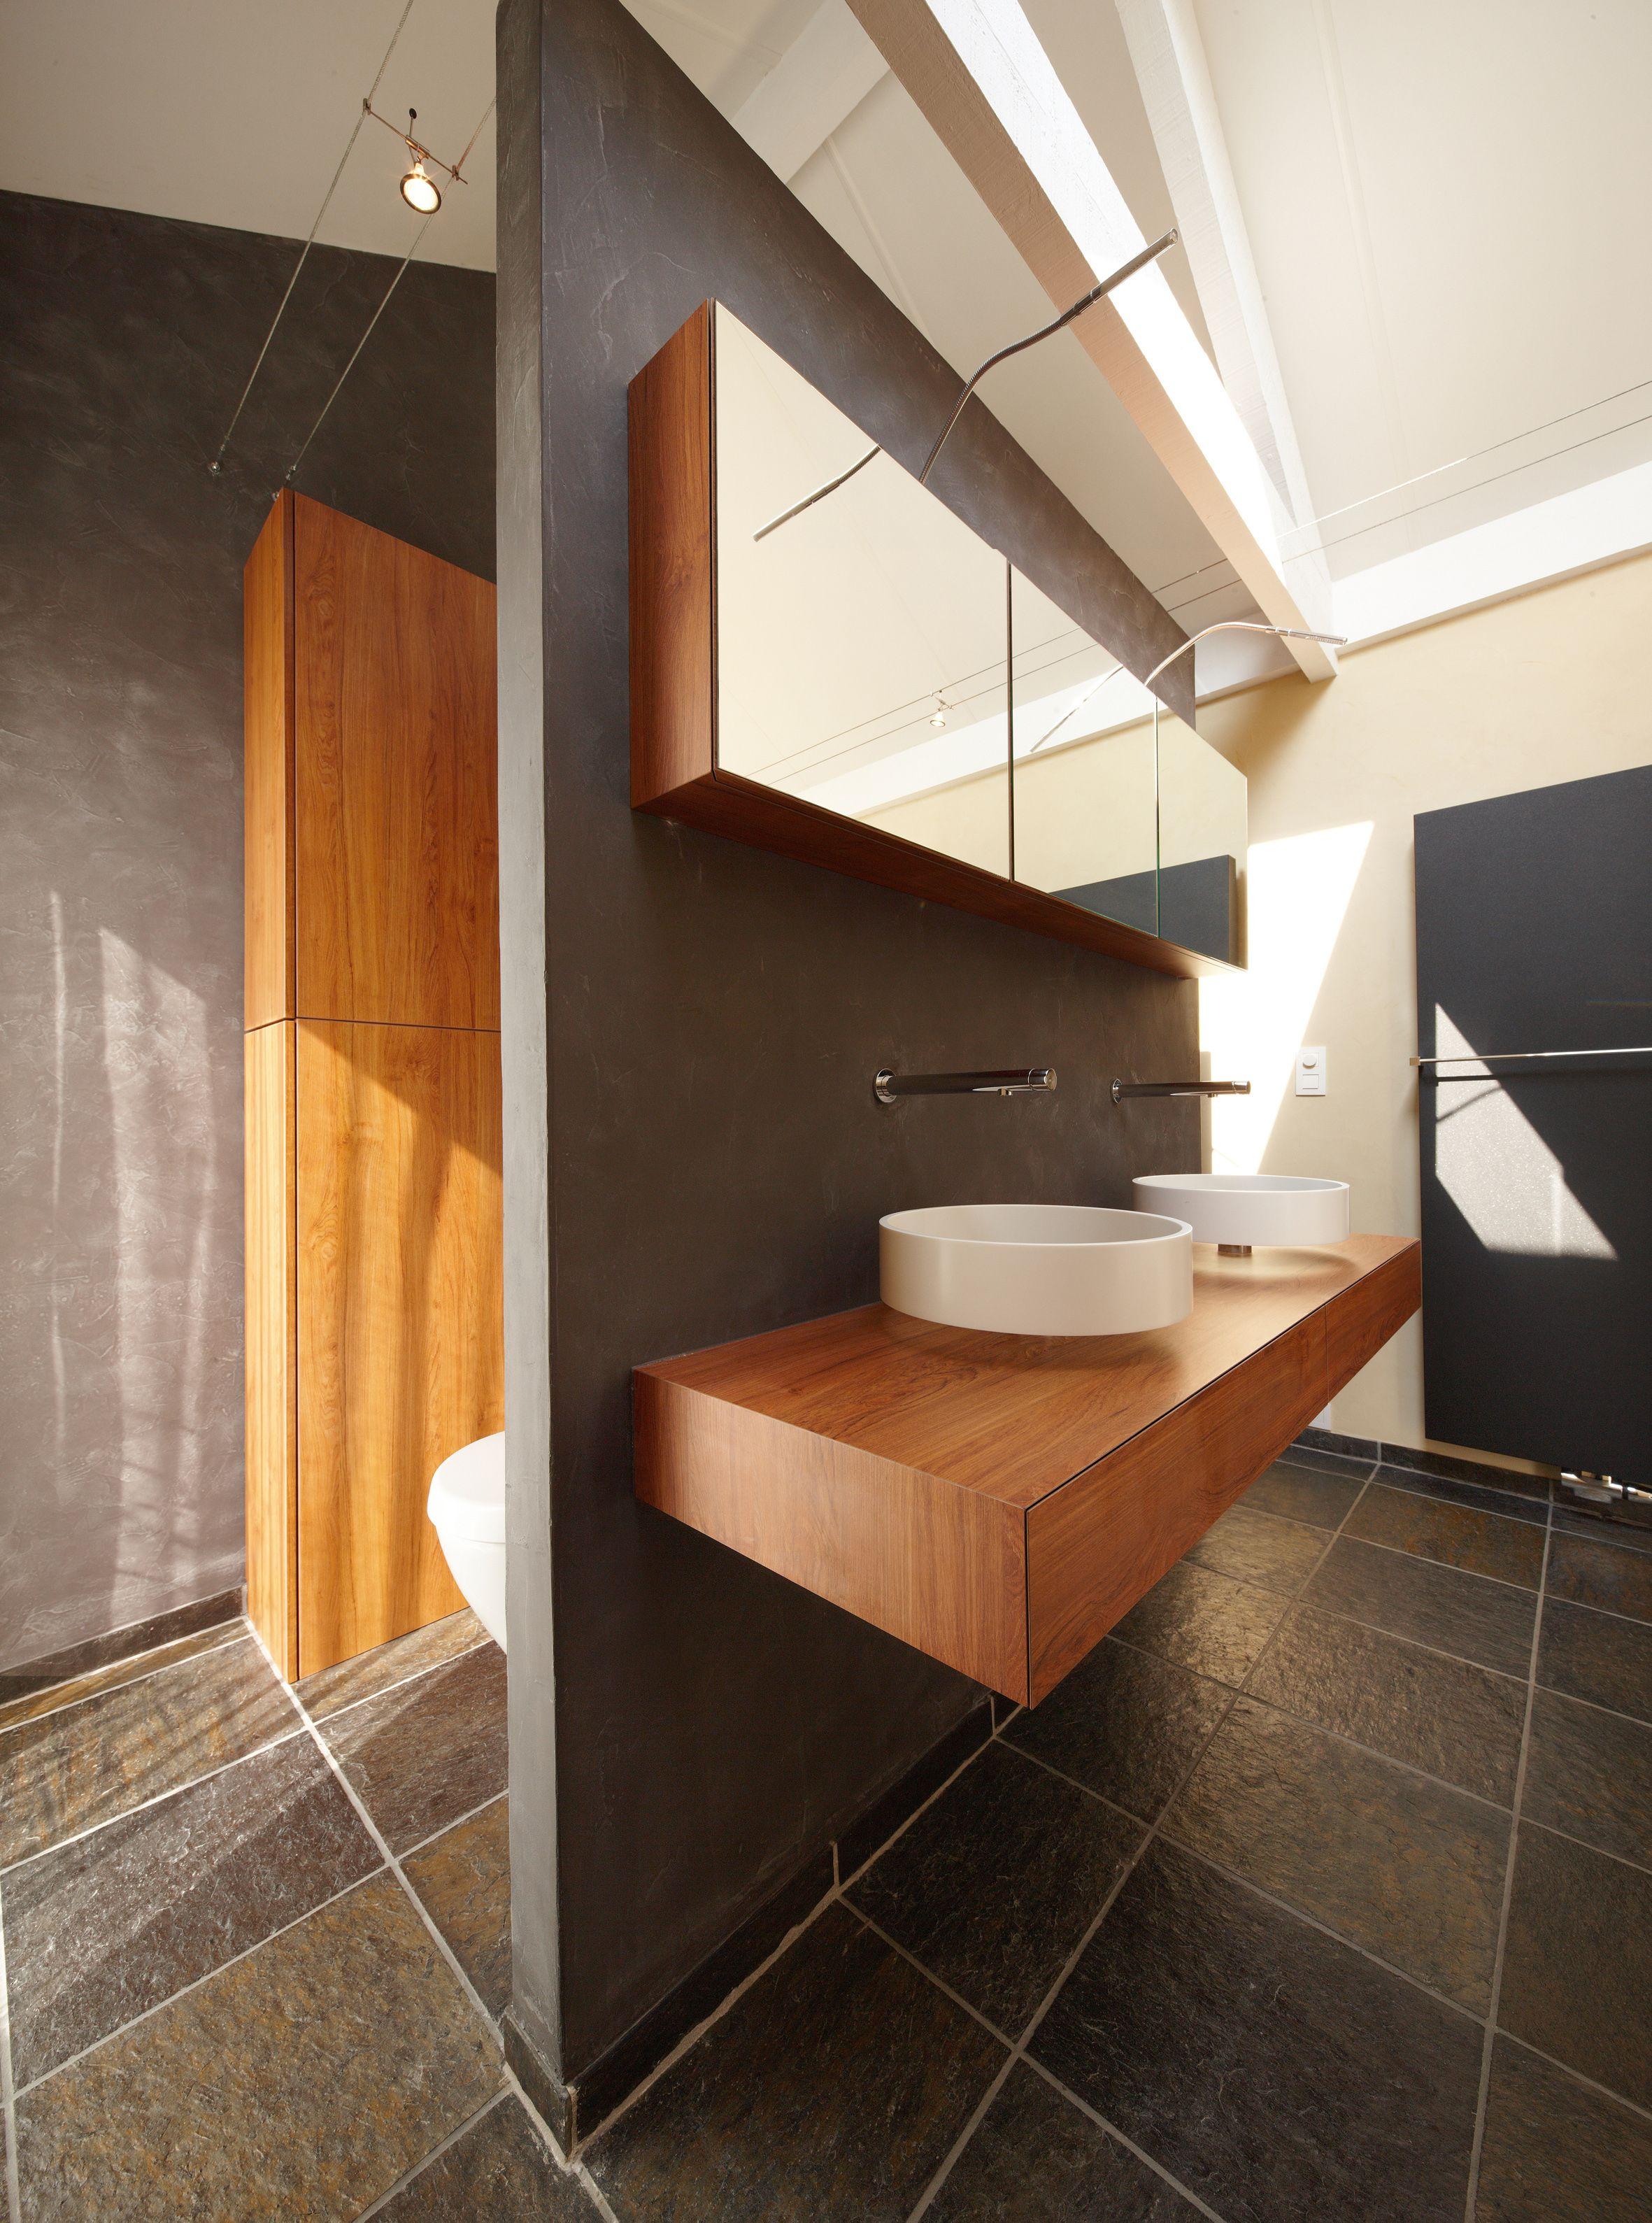 En-suite badkamer | Slaapkamer met ensuite badkamer | Pinterest ...